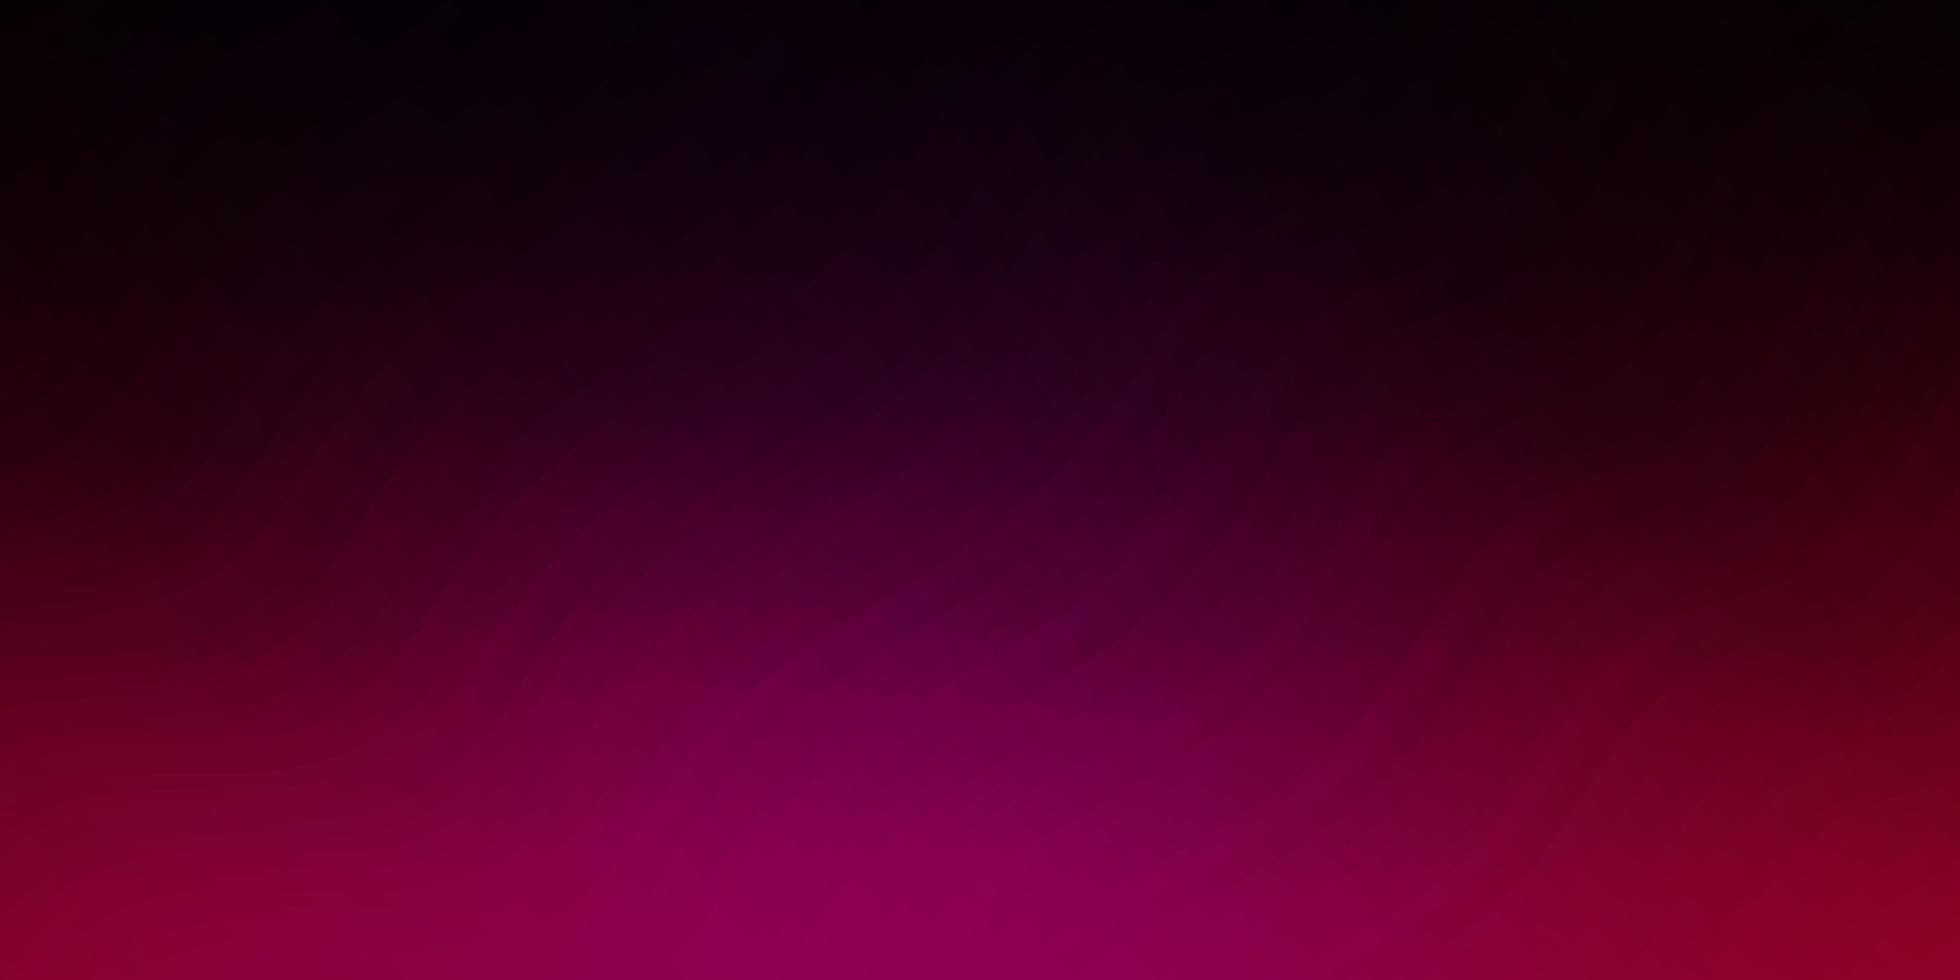 pano de fundo vector rosa escuro com linhas dobradas.